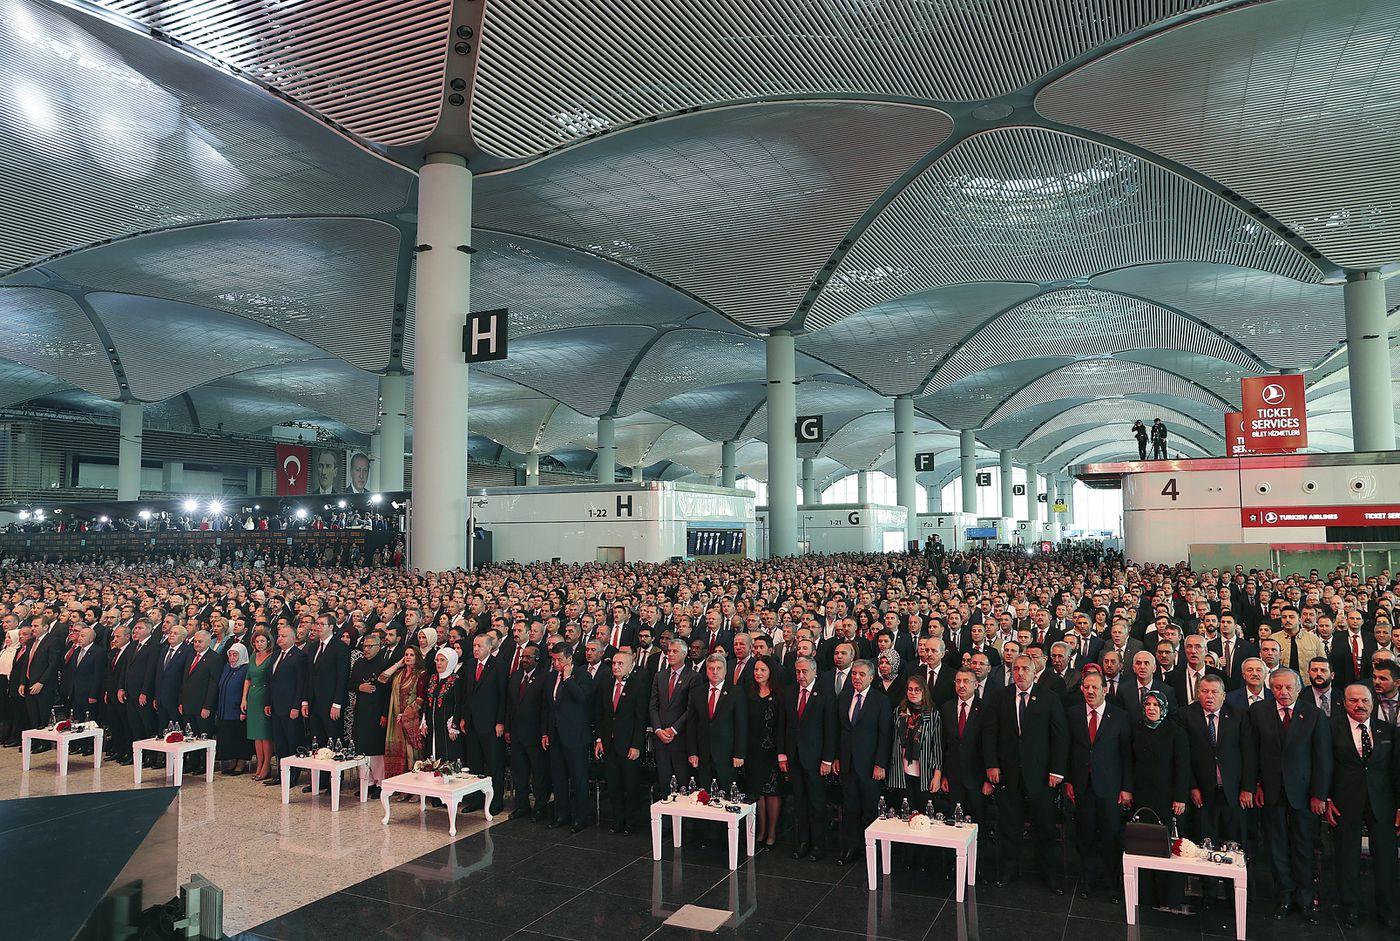 El presidente de Turquía, Recep Tayyip Erdogan, y los dignatarios extranjeros asisten a la ceremonia de inauguración de un nuevo centro de aviación en Estambul el lunes 29 de octubre de 2018, un proyecto que ha impulsado para cumplir su sueño de convertir a Turquía en un jugador global.  Erdogan anunció que el Aeropuerto de Estambul estaba abierto para las operaciones en un día especial: el 95 aniversario del establecimiento de Turquía como república después de su guerra de independencia. (Foto AP / Emrah Gurel)